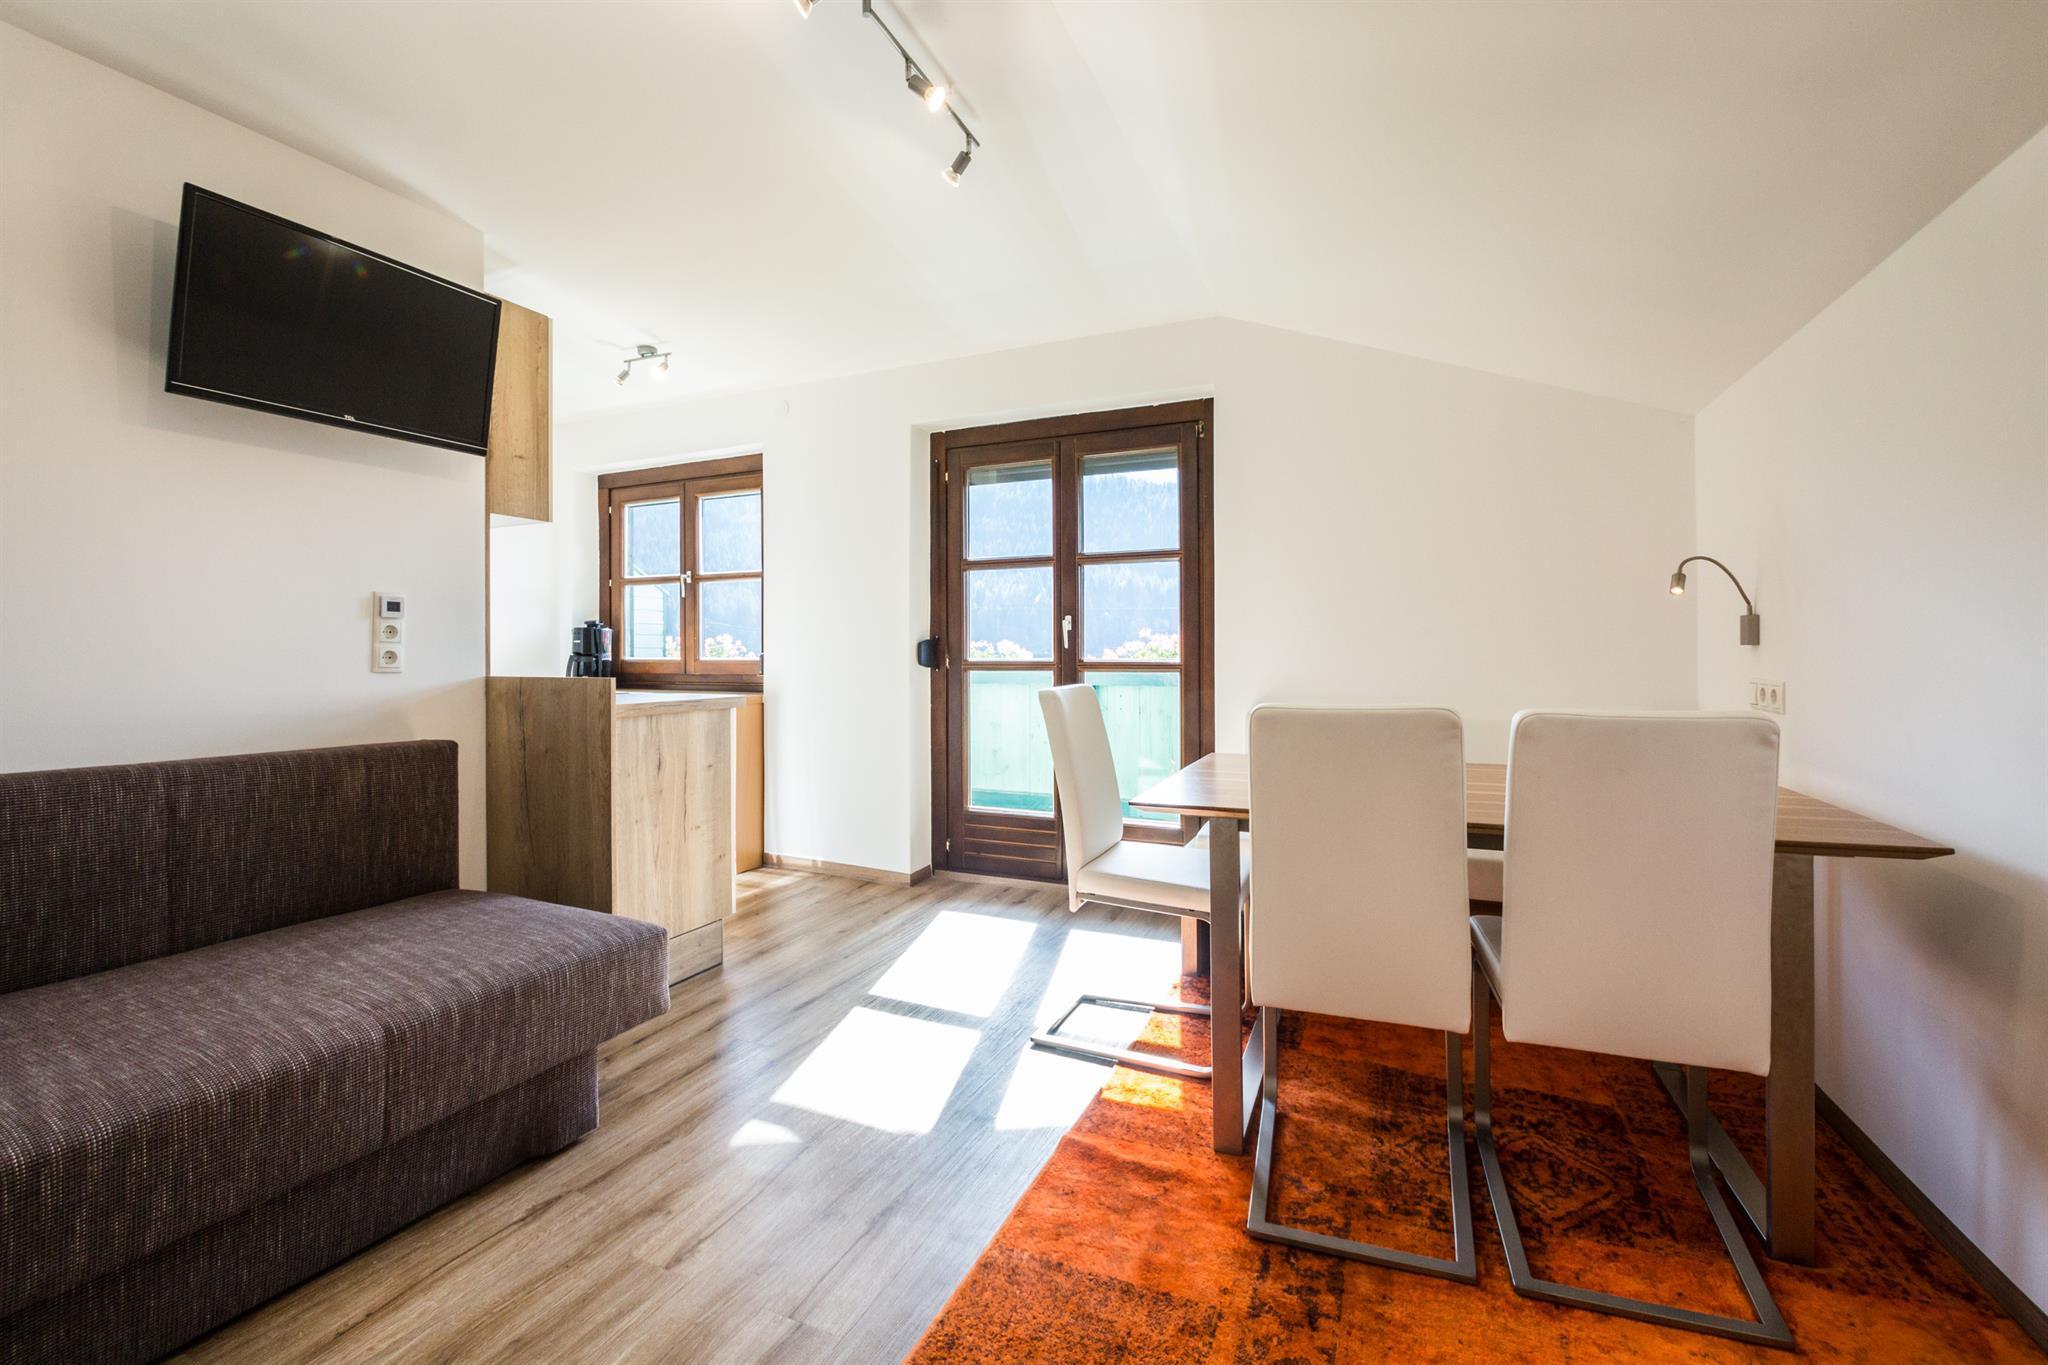 Ferienhaus Tannenhof, Haus Appartement Typ G für 2-4 Personen (2735040), Wagrain, Pongau, Salzburg, Österreich, Bild 13